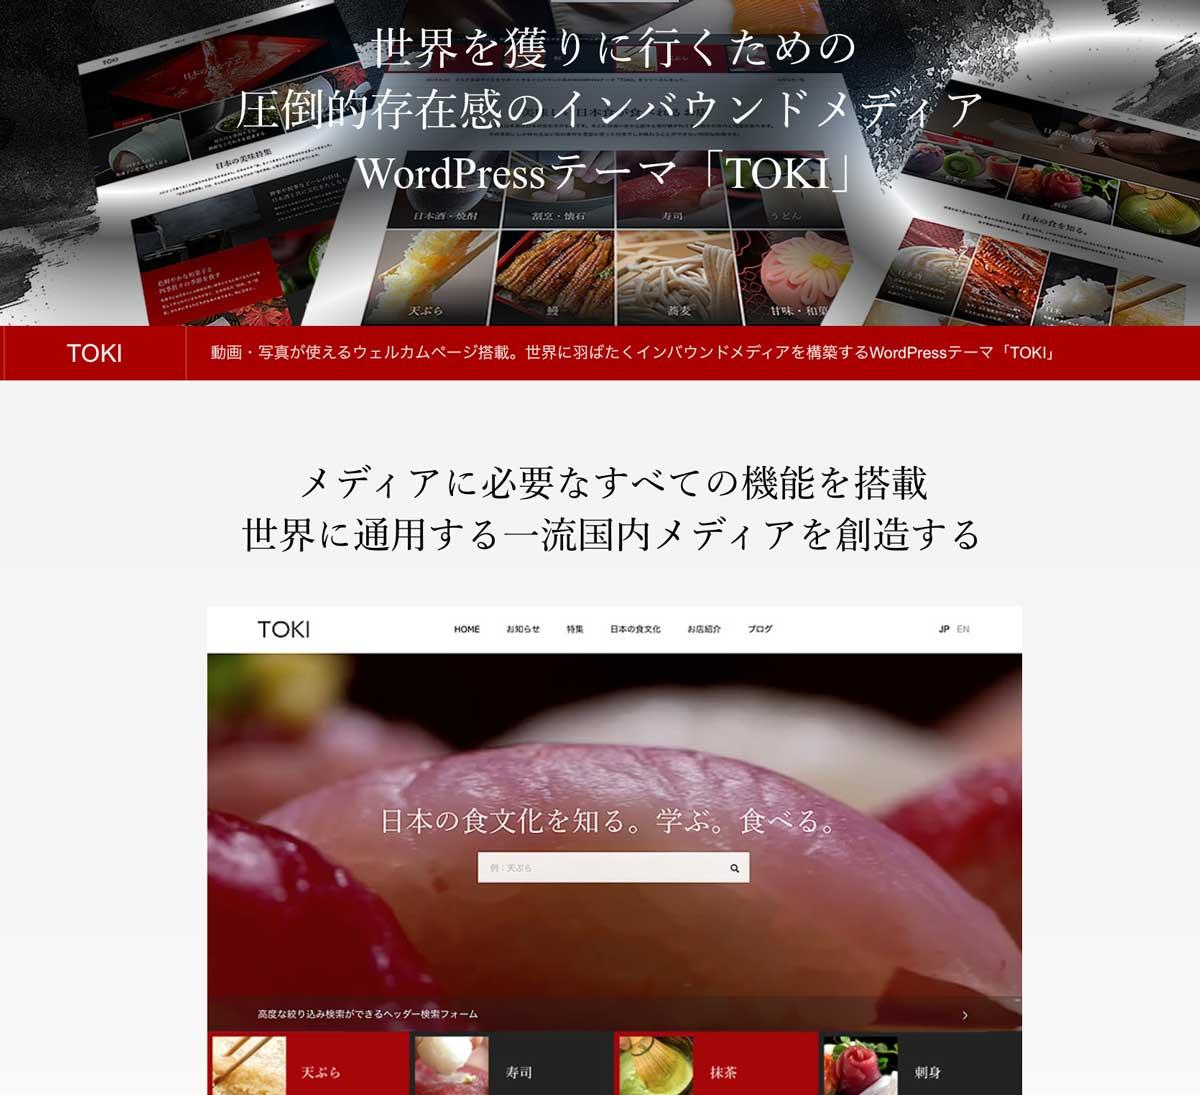 TOKIは、動画・写真が使えるウェルカムページ搭載。世界に羽ばたくインバウンドメディアを構築するWordPressテーマ 日本語、英語、繁体字、簡体字、韓国語などの多言語に対応 WP・ワードプレス wordpress_free_themes_tcd069_01